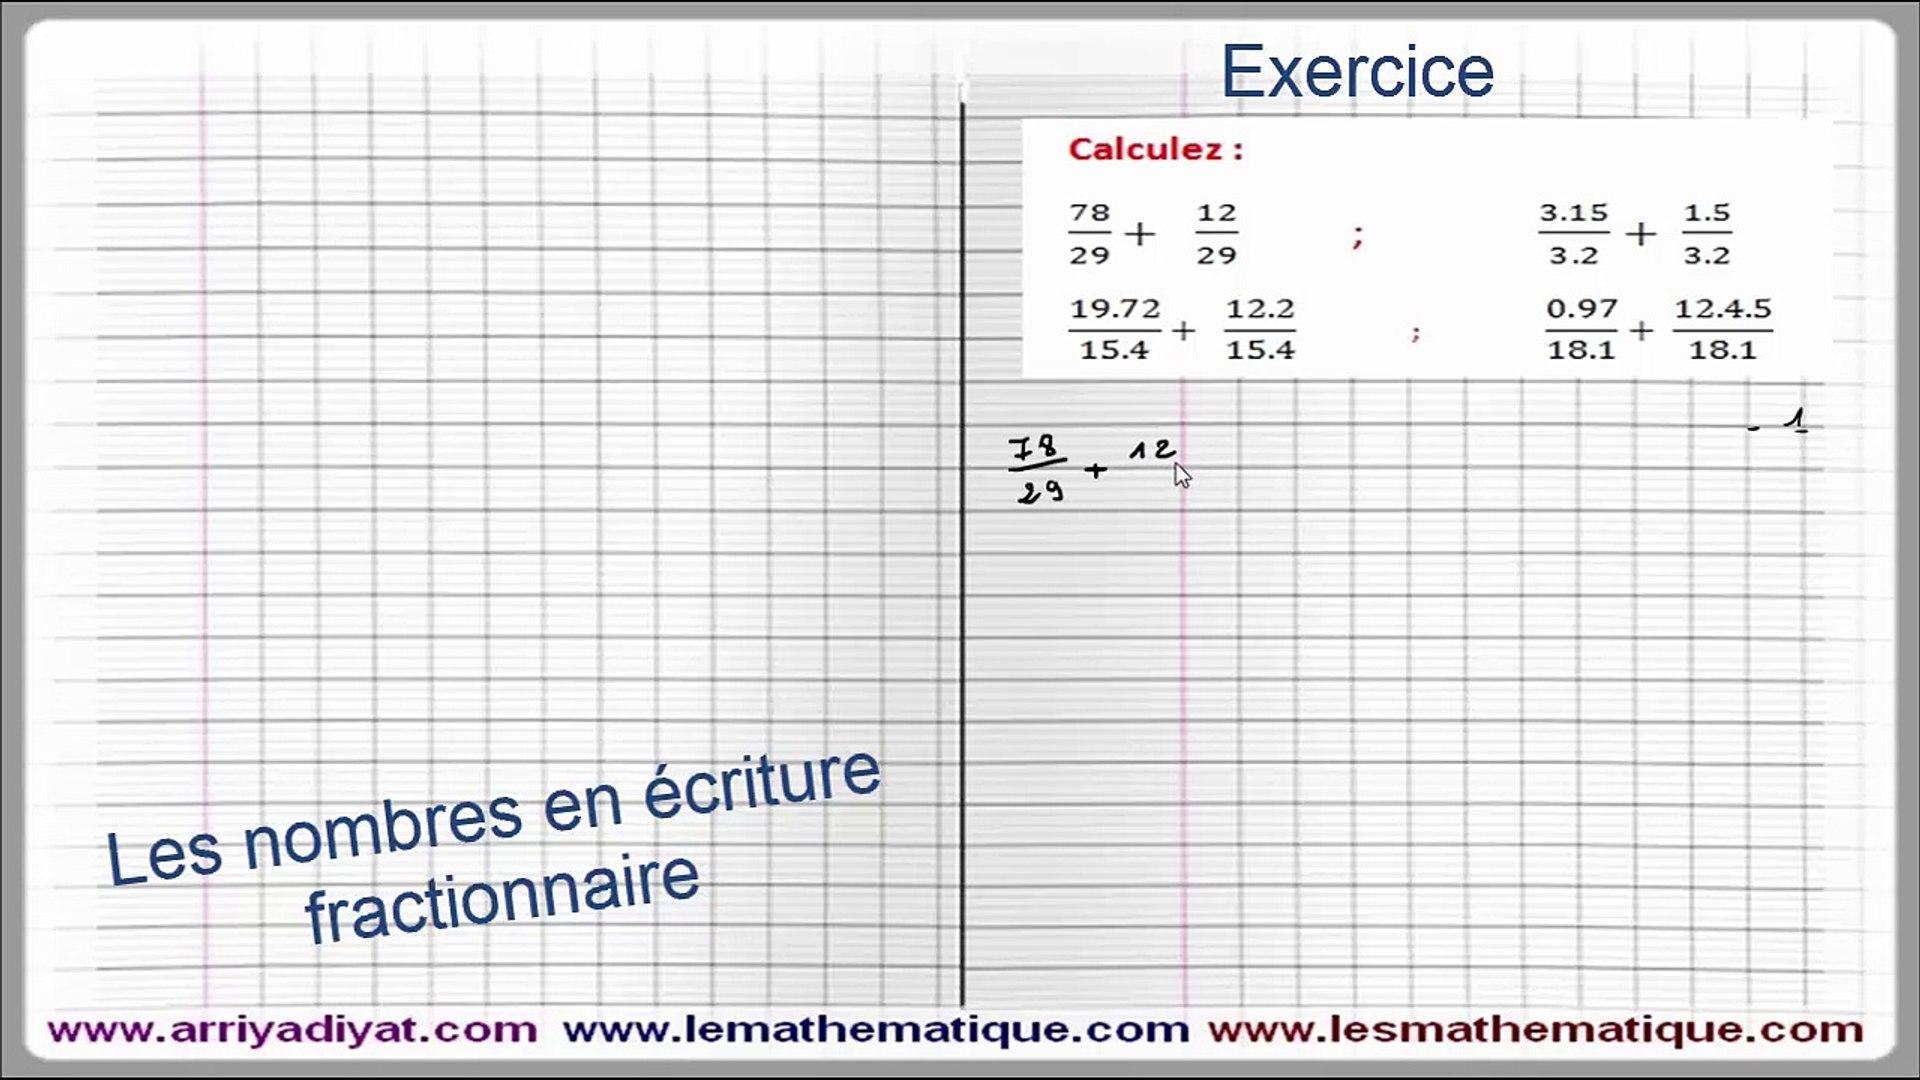 Maths 5eme Les Nombres En Ecriture Fractionnaire Exercice 2 Video Dailymotion